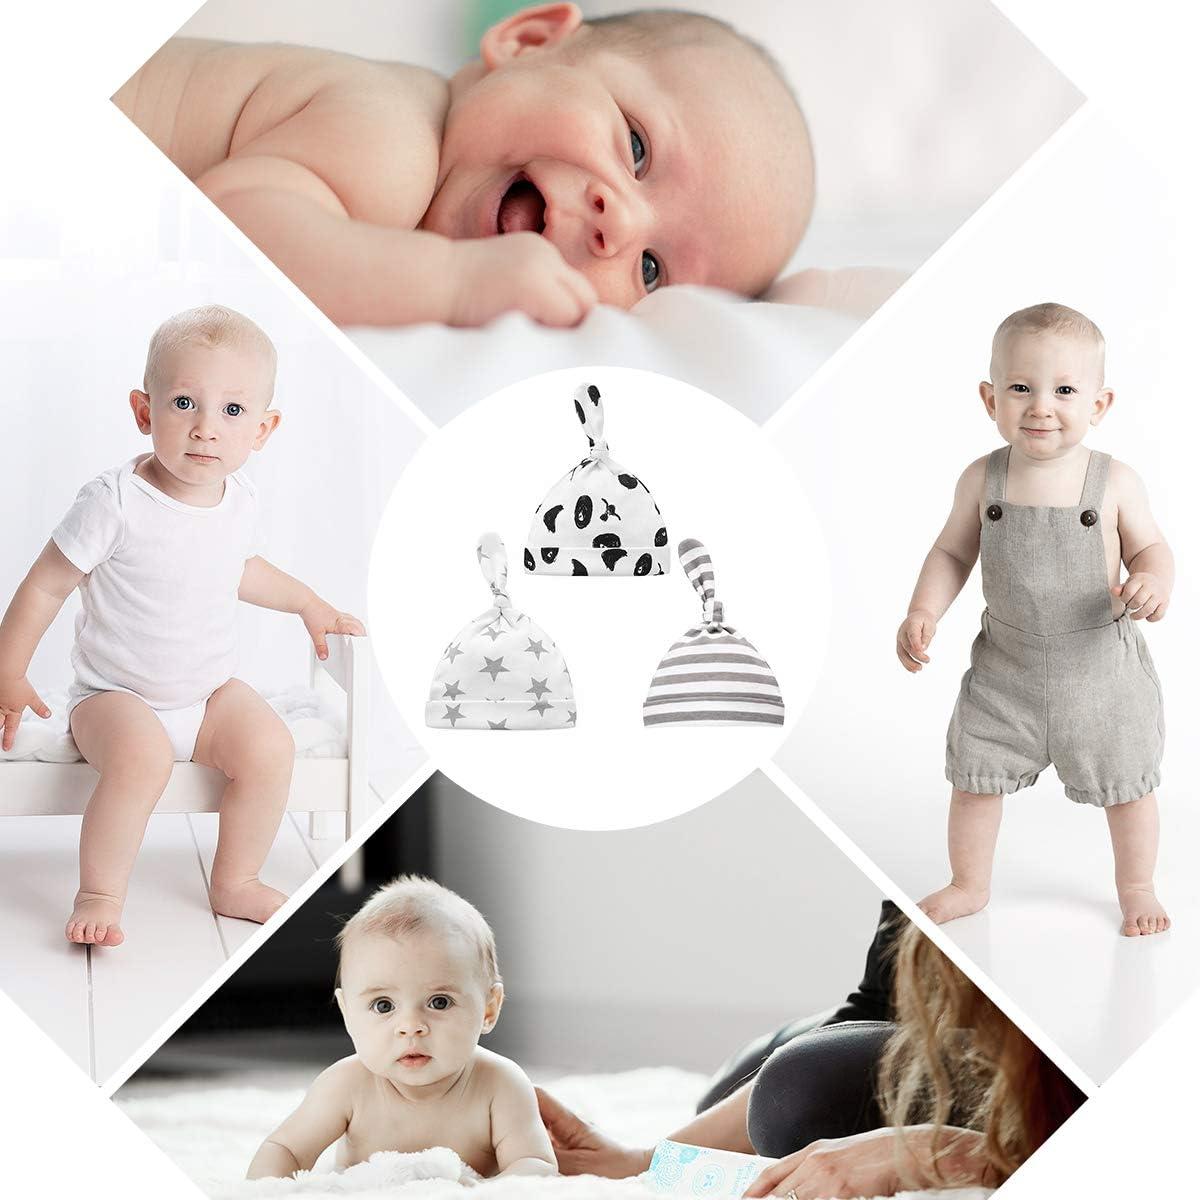 Borlai Set mit 3 verstellbaren niedlichen Beanie-M/ützen f/ür Neugeborene aus Baumwolle f/ür 0-6 Monate